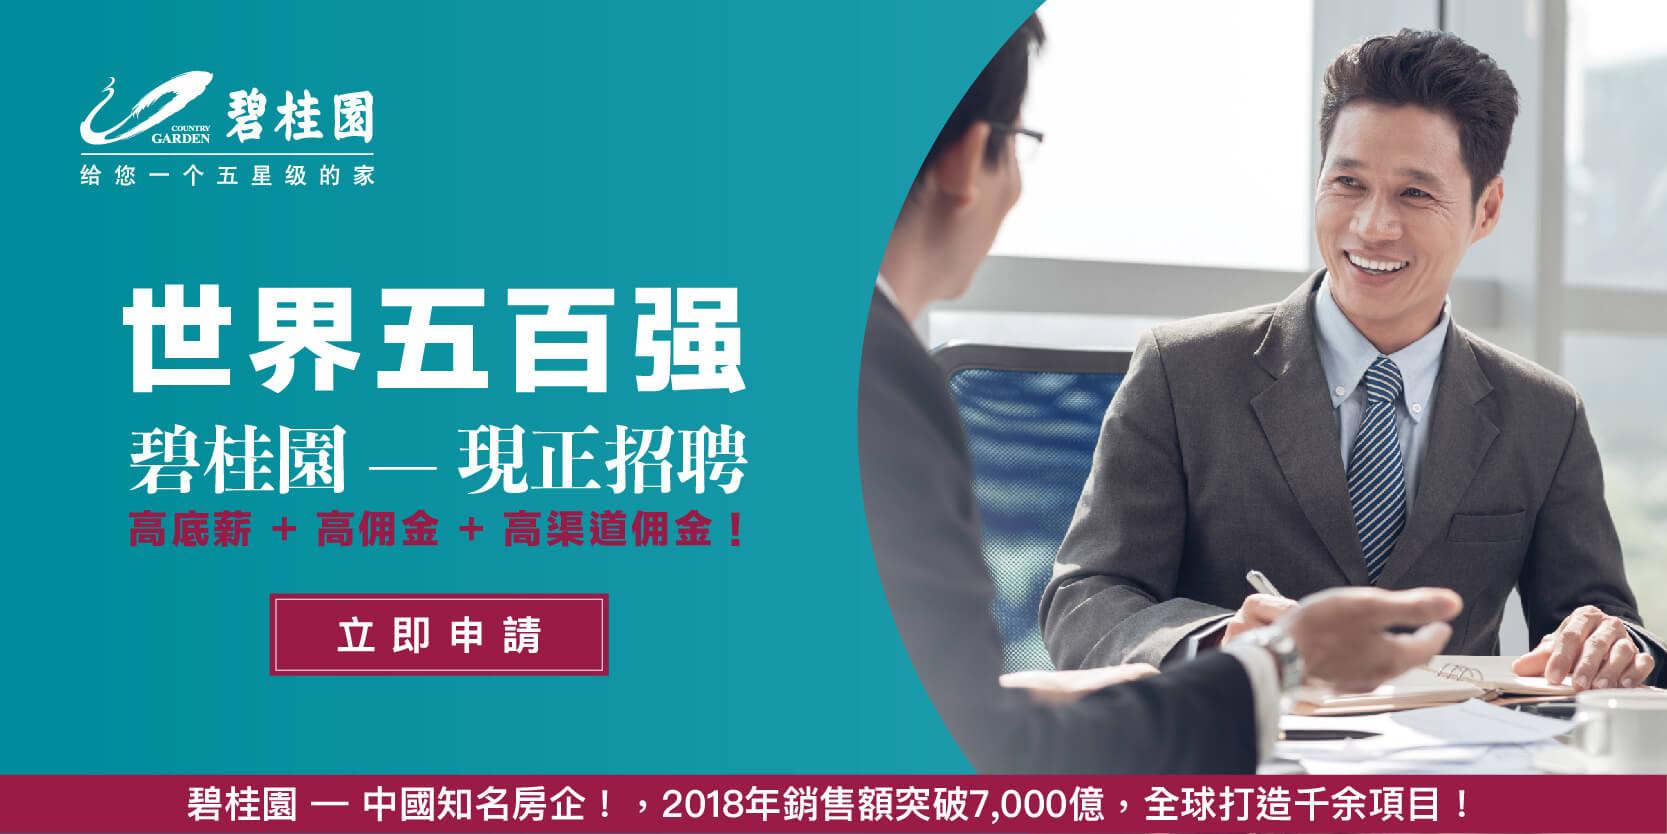 2019 碧桂園 Top Banner jobscall.me 澳門招聘-01.jpg